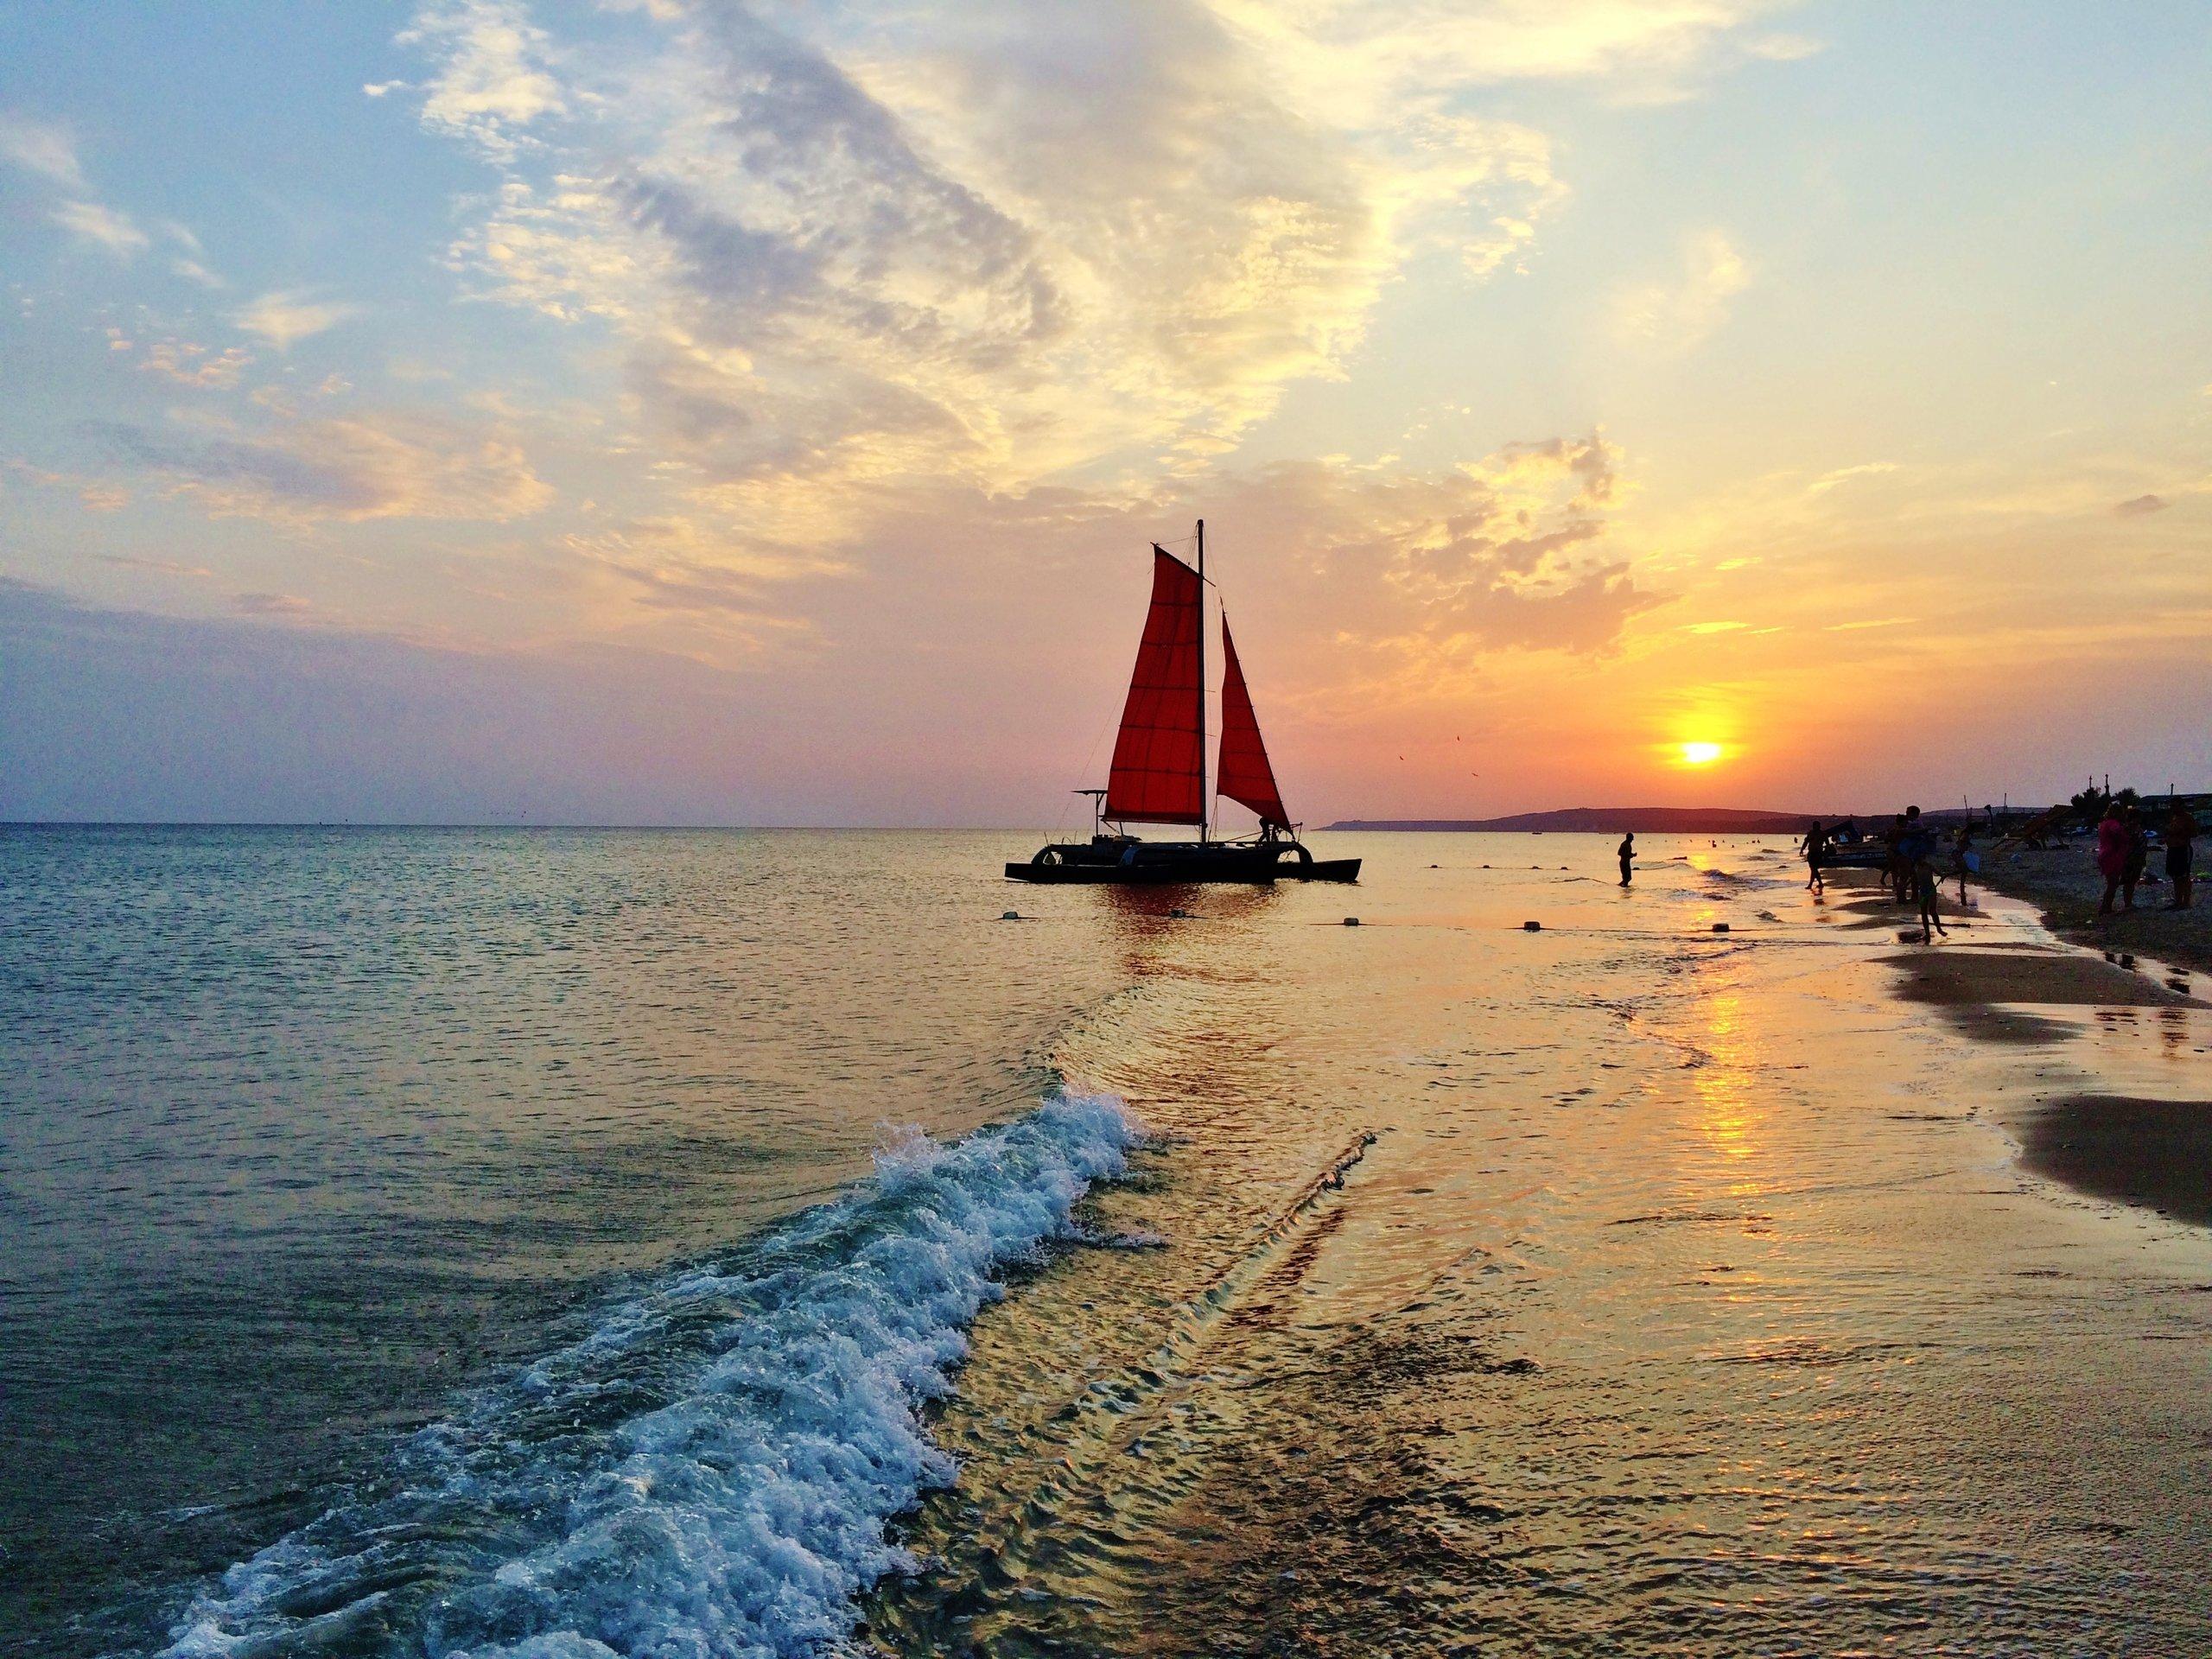 Курорты Краснодарского края: куда поехать в 2021 году